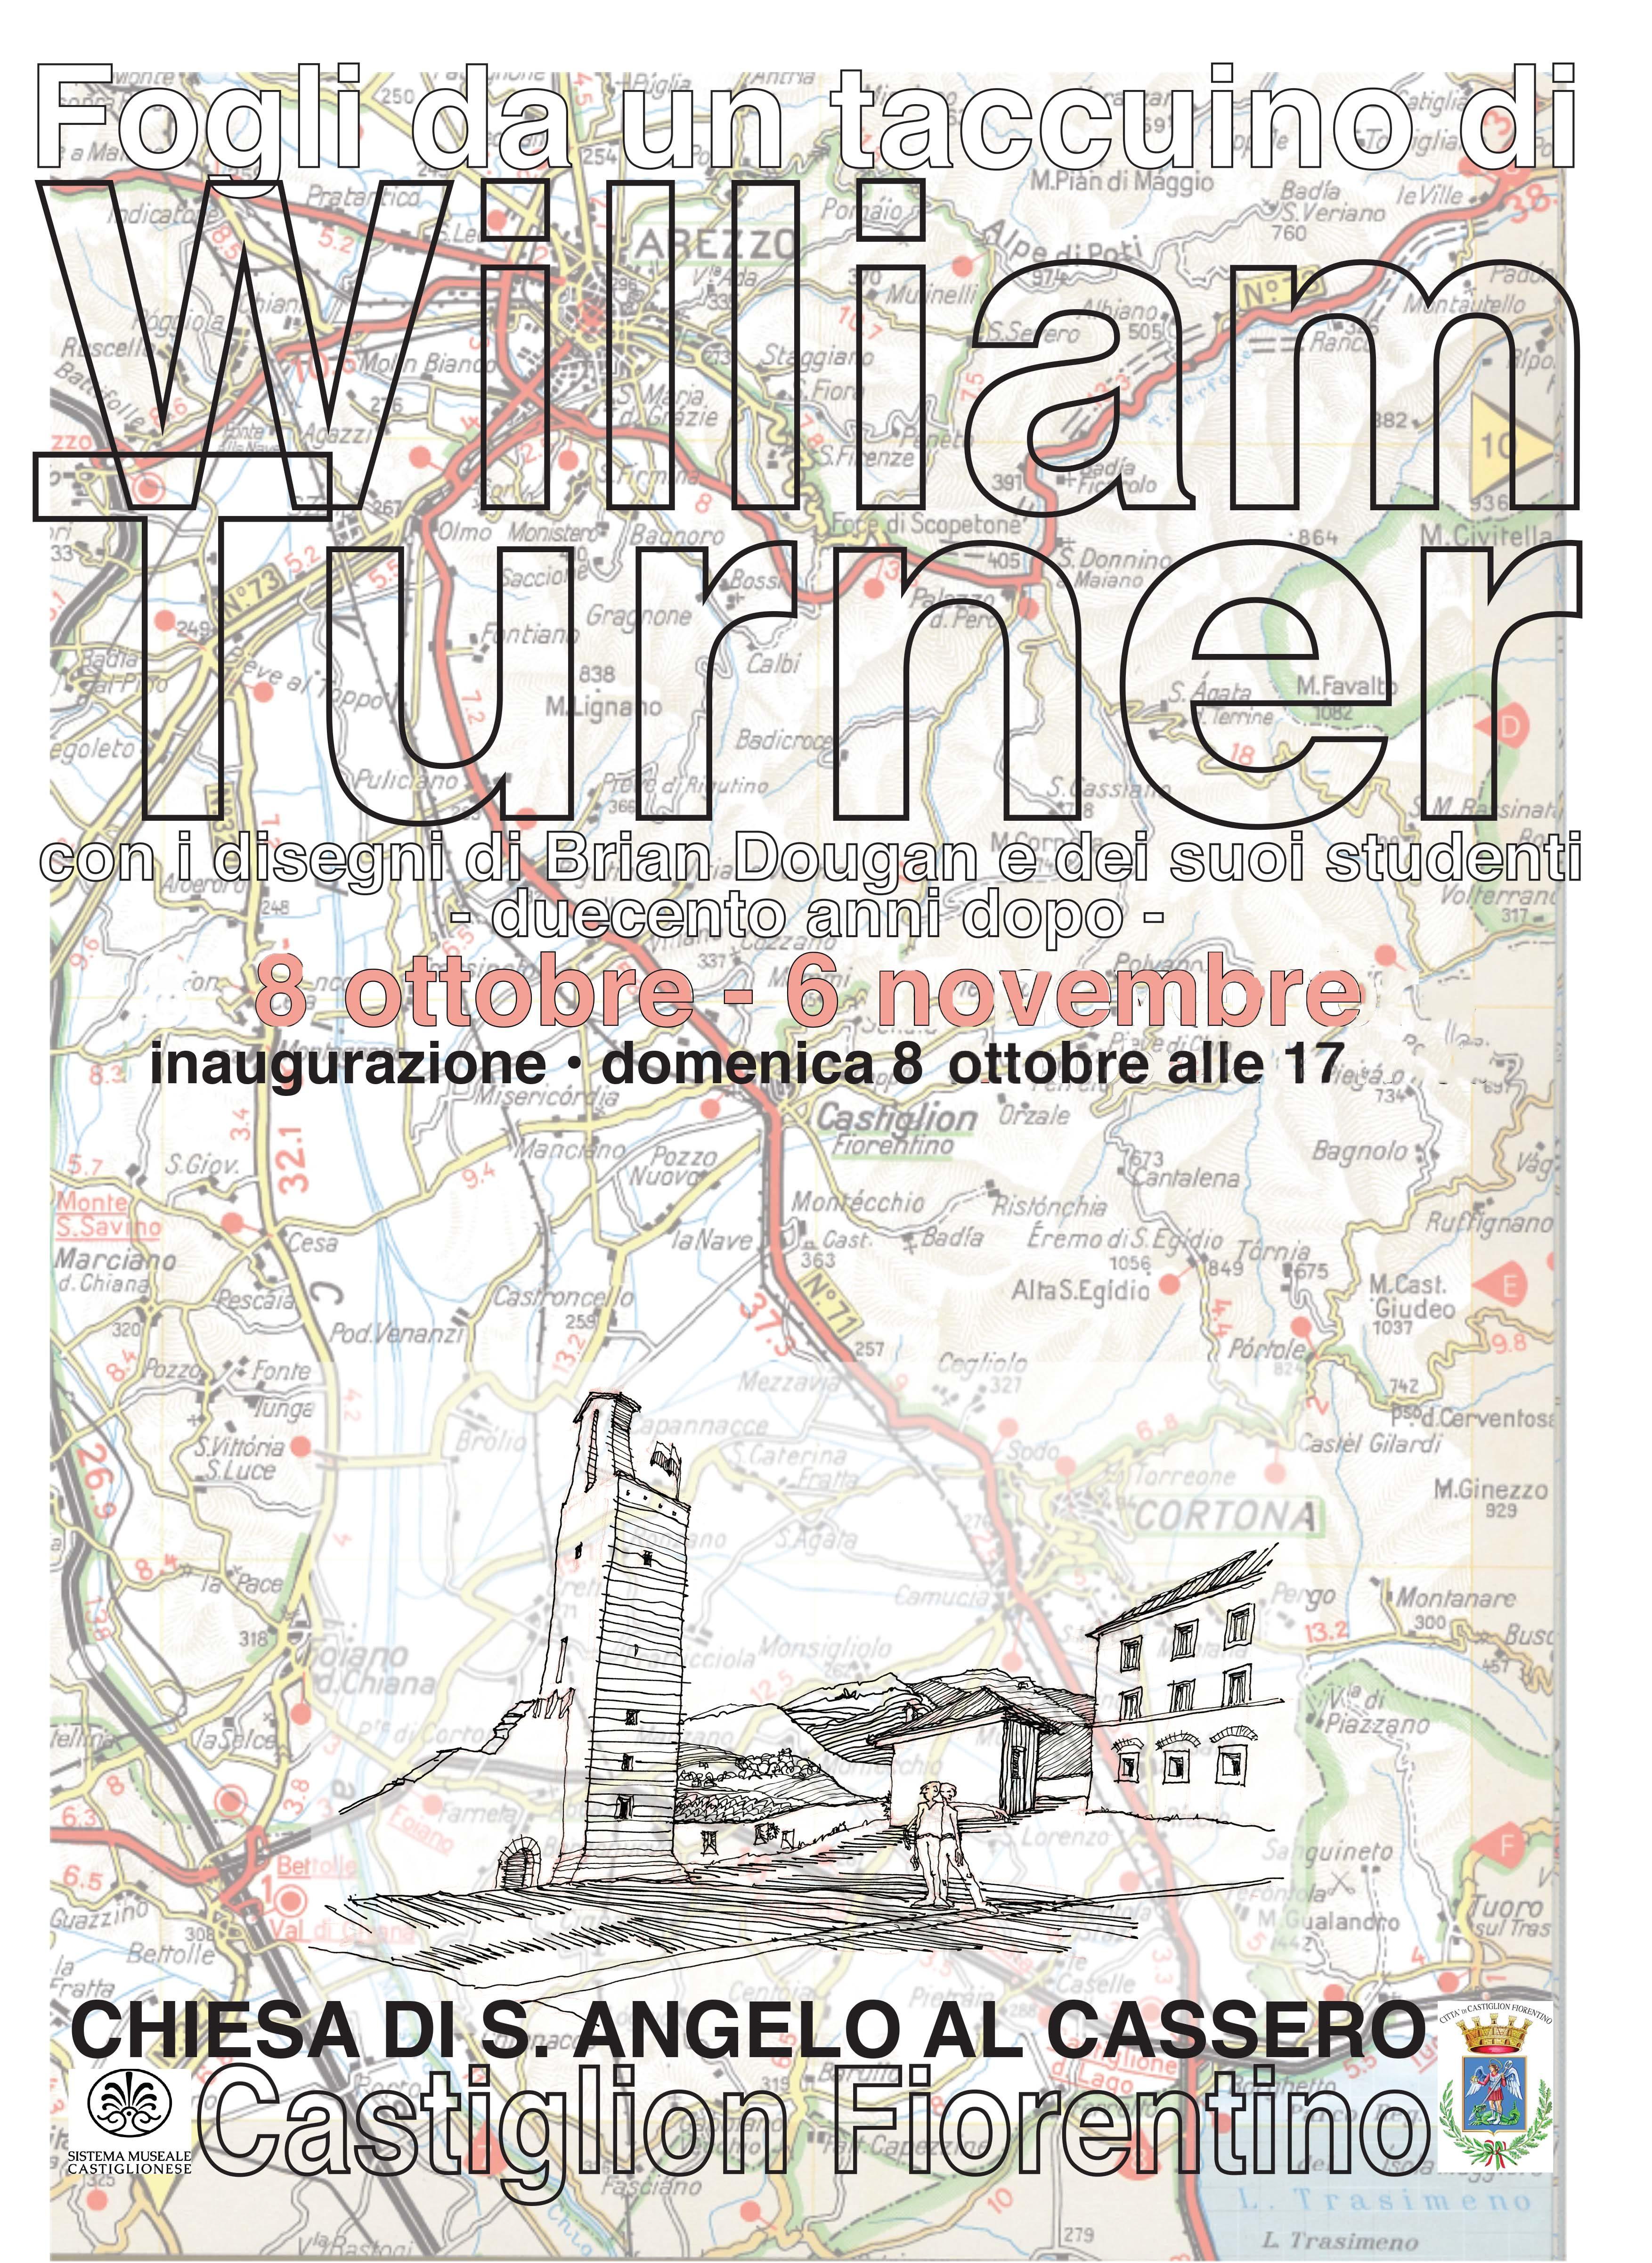 A Castiglion Fiorentino una mostra in collaborazione con la Tate Gallery